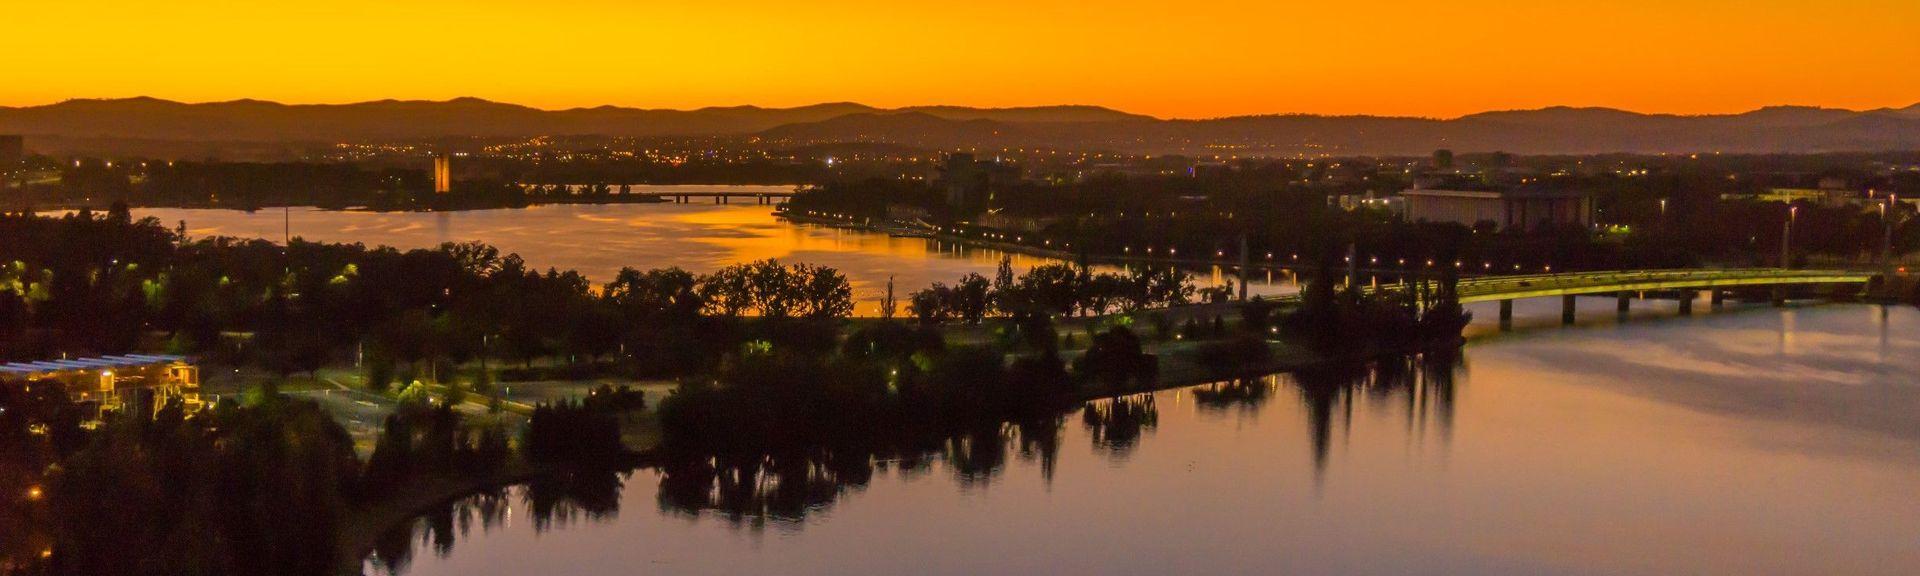 Canberra, Territoire de la capitale australienne, Australie